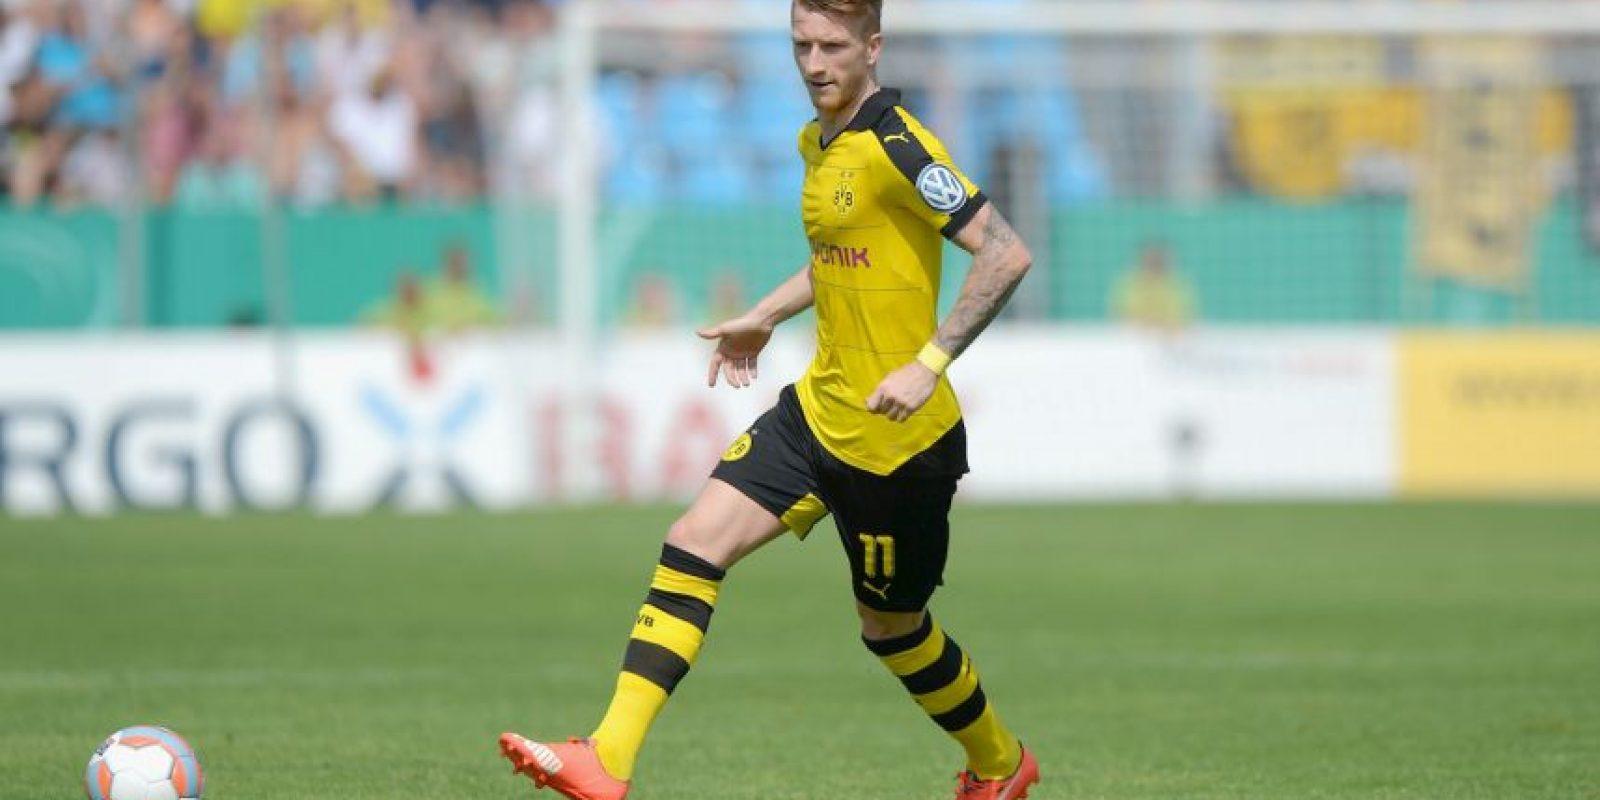 El alemán del Borussia Dortmund es el último que ingresó al top-ten de cobradores de faltas Foto:Getty Images